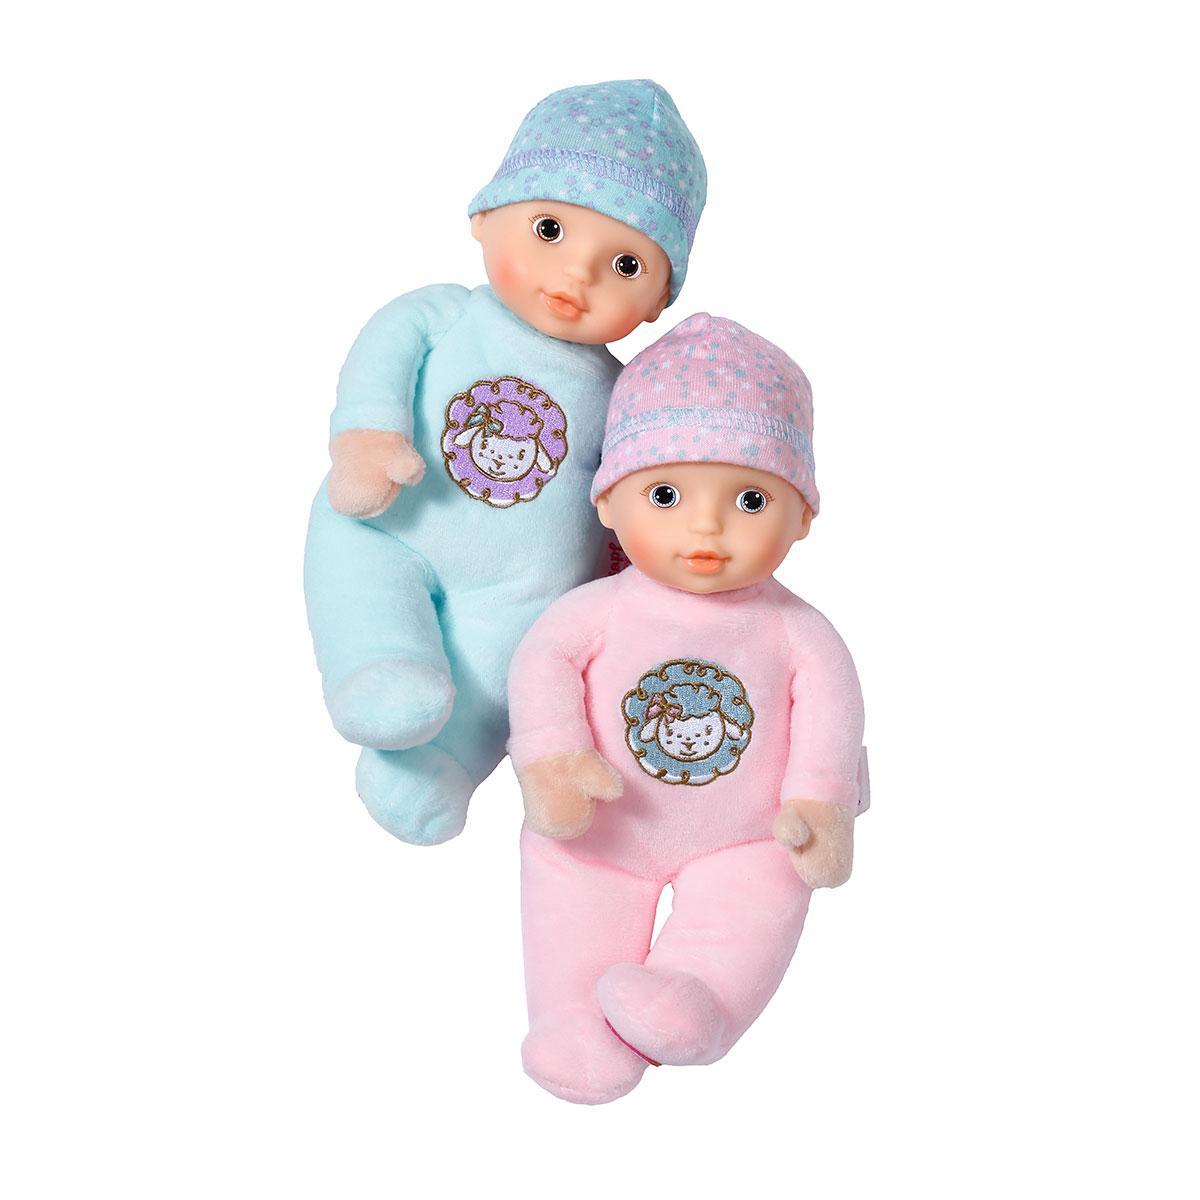 Кукла Baby Annabell Милая крошка - серии Для малышей, 703670